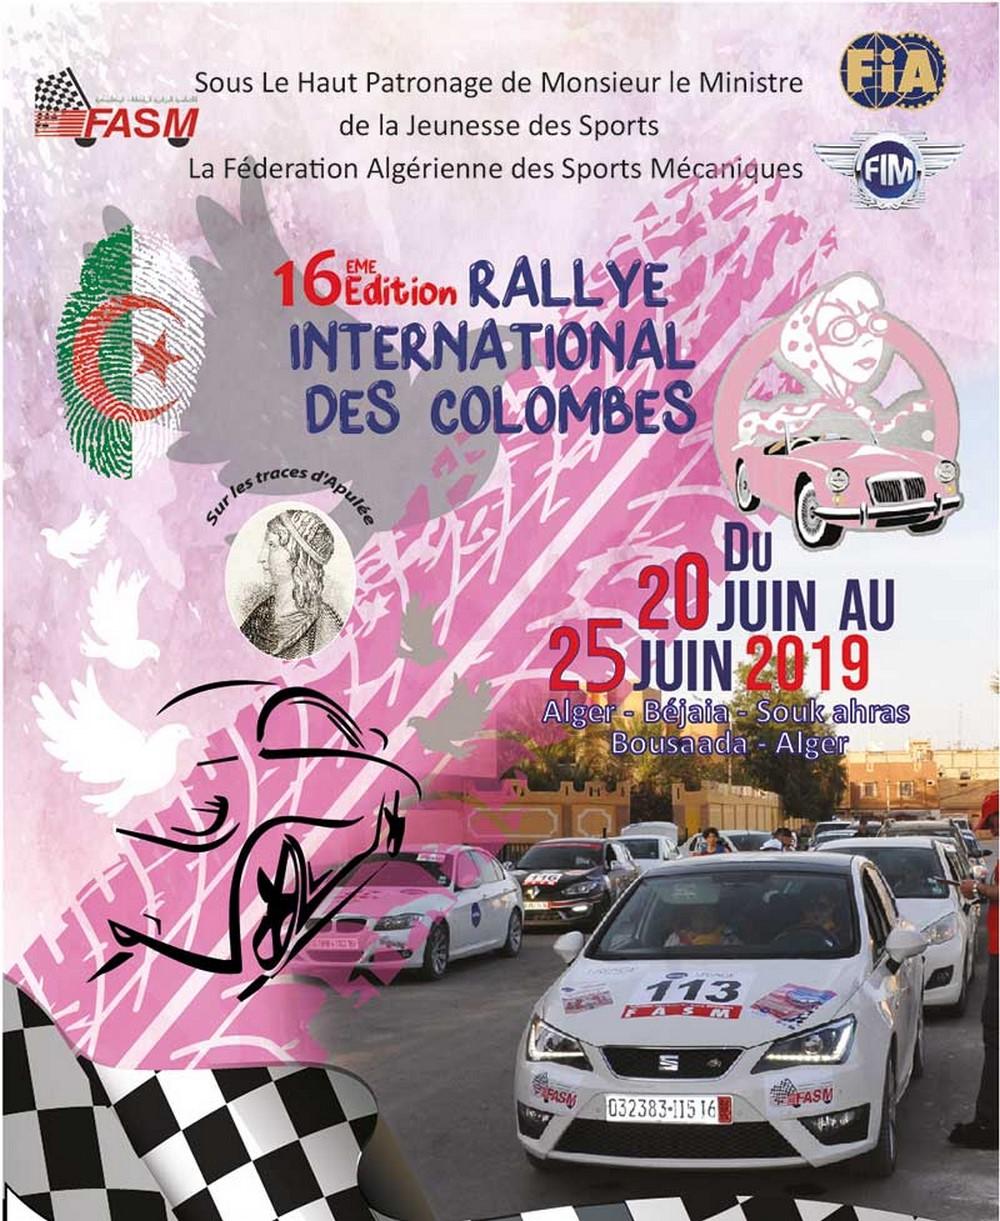 Rallye des Colombes 2019 : inscription, programme et détails